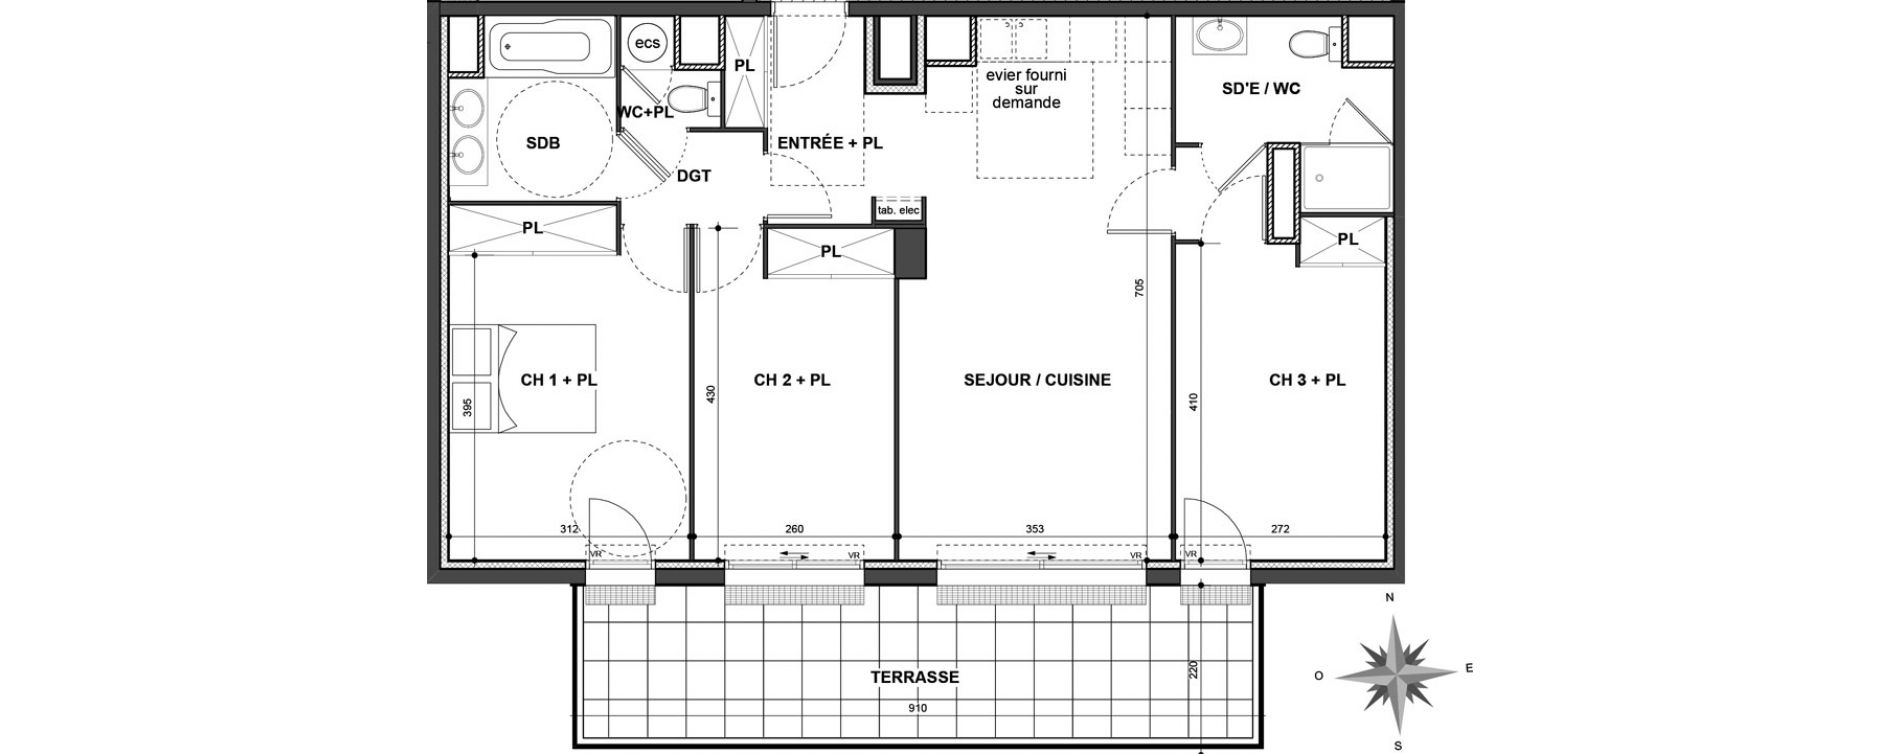 Appartement T4 de 81,38 m2 à Nîmes Jean jaurès